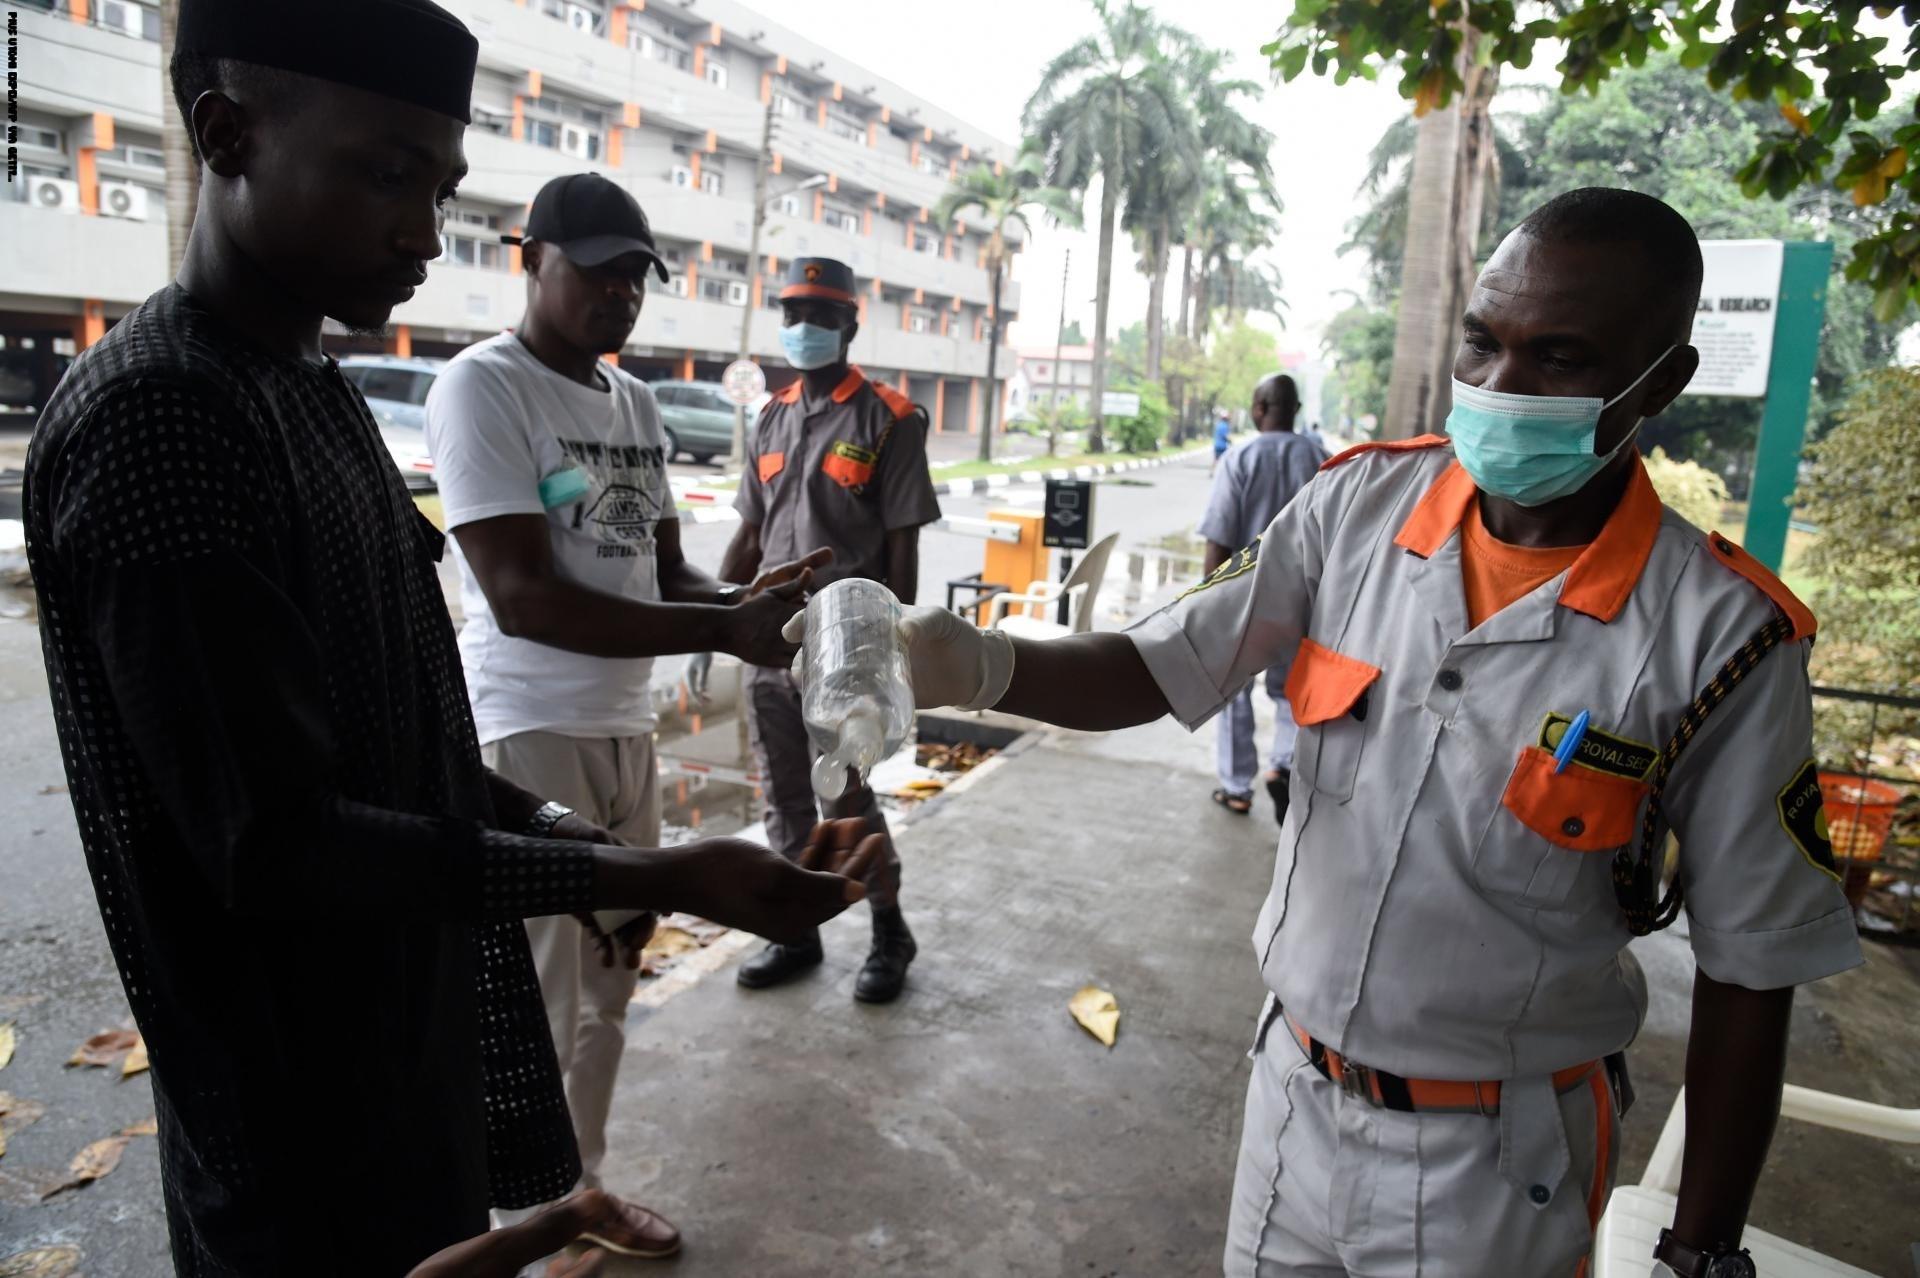 الرئيس النيجيري يفرض عزل عام على لاغوس بؤرة تفشي كورونا